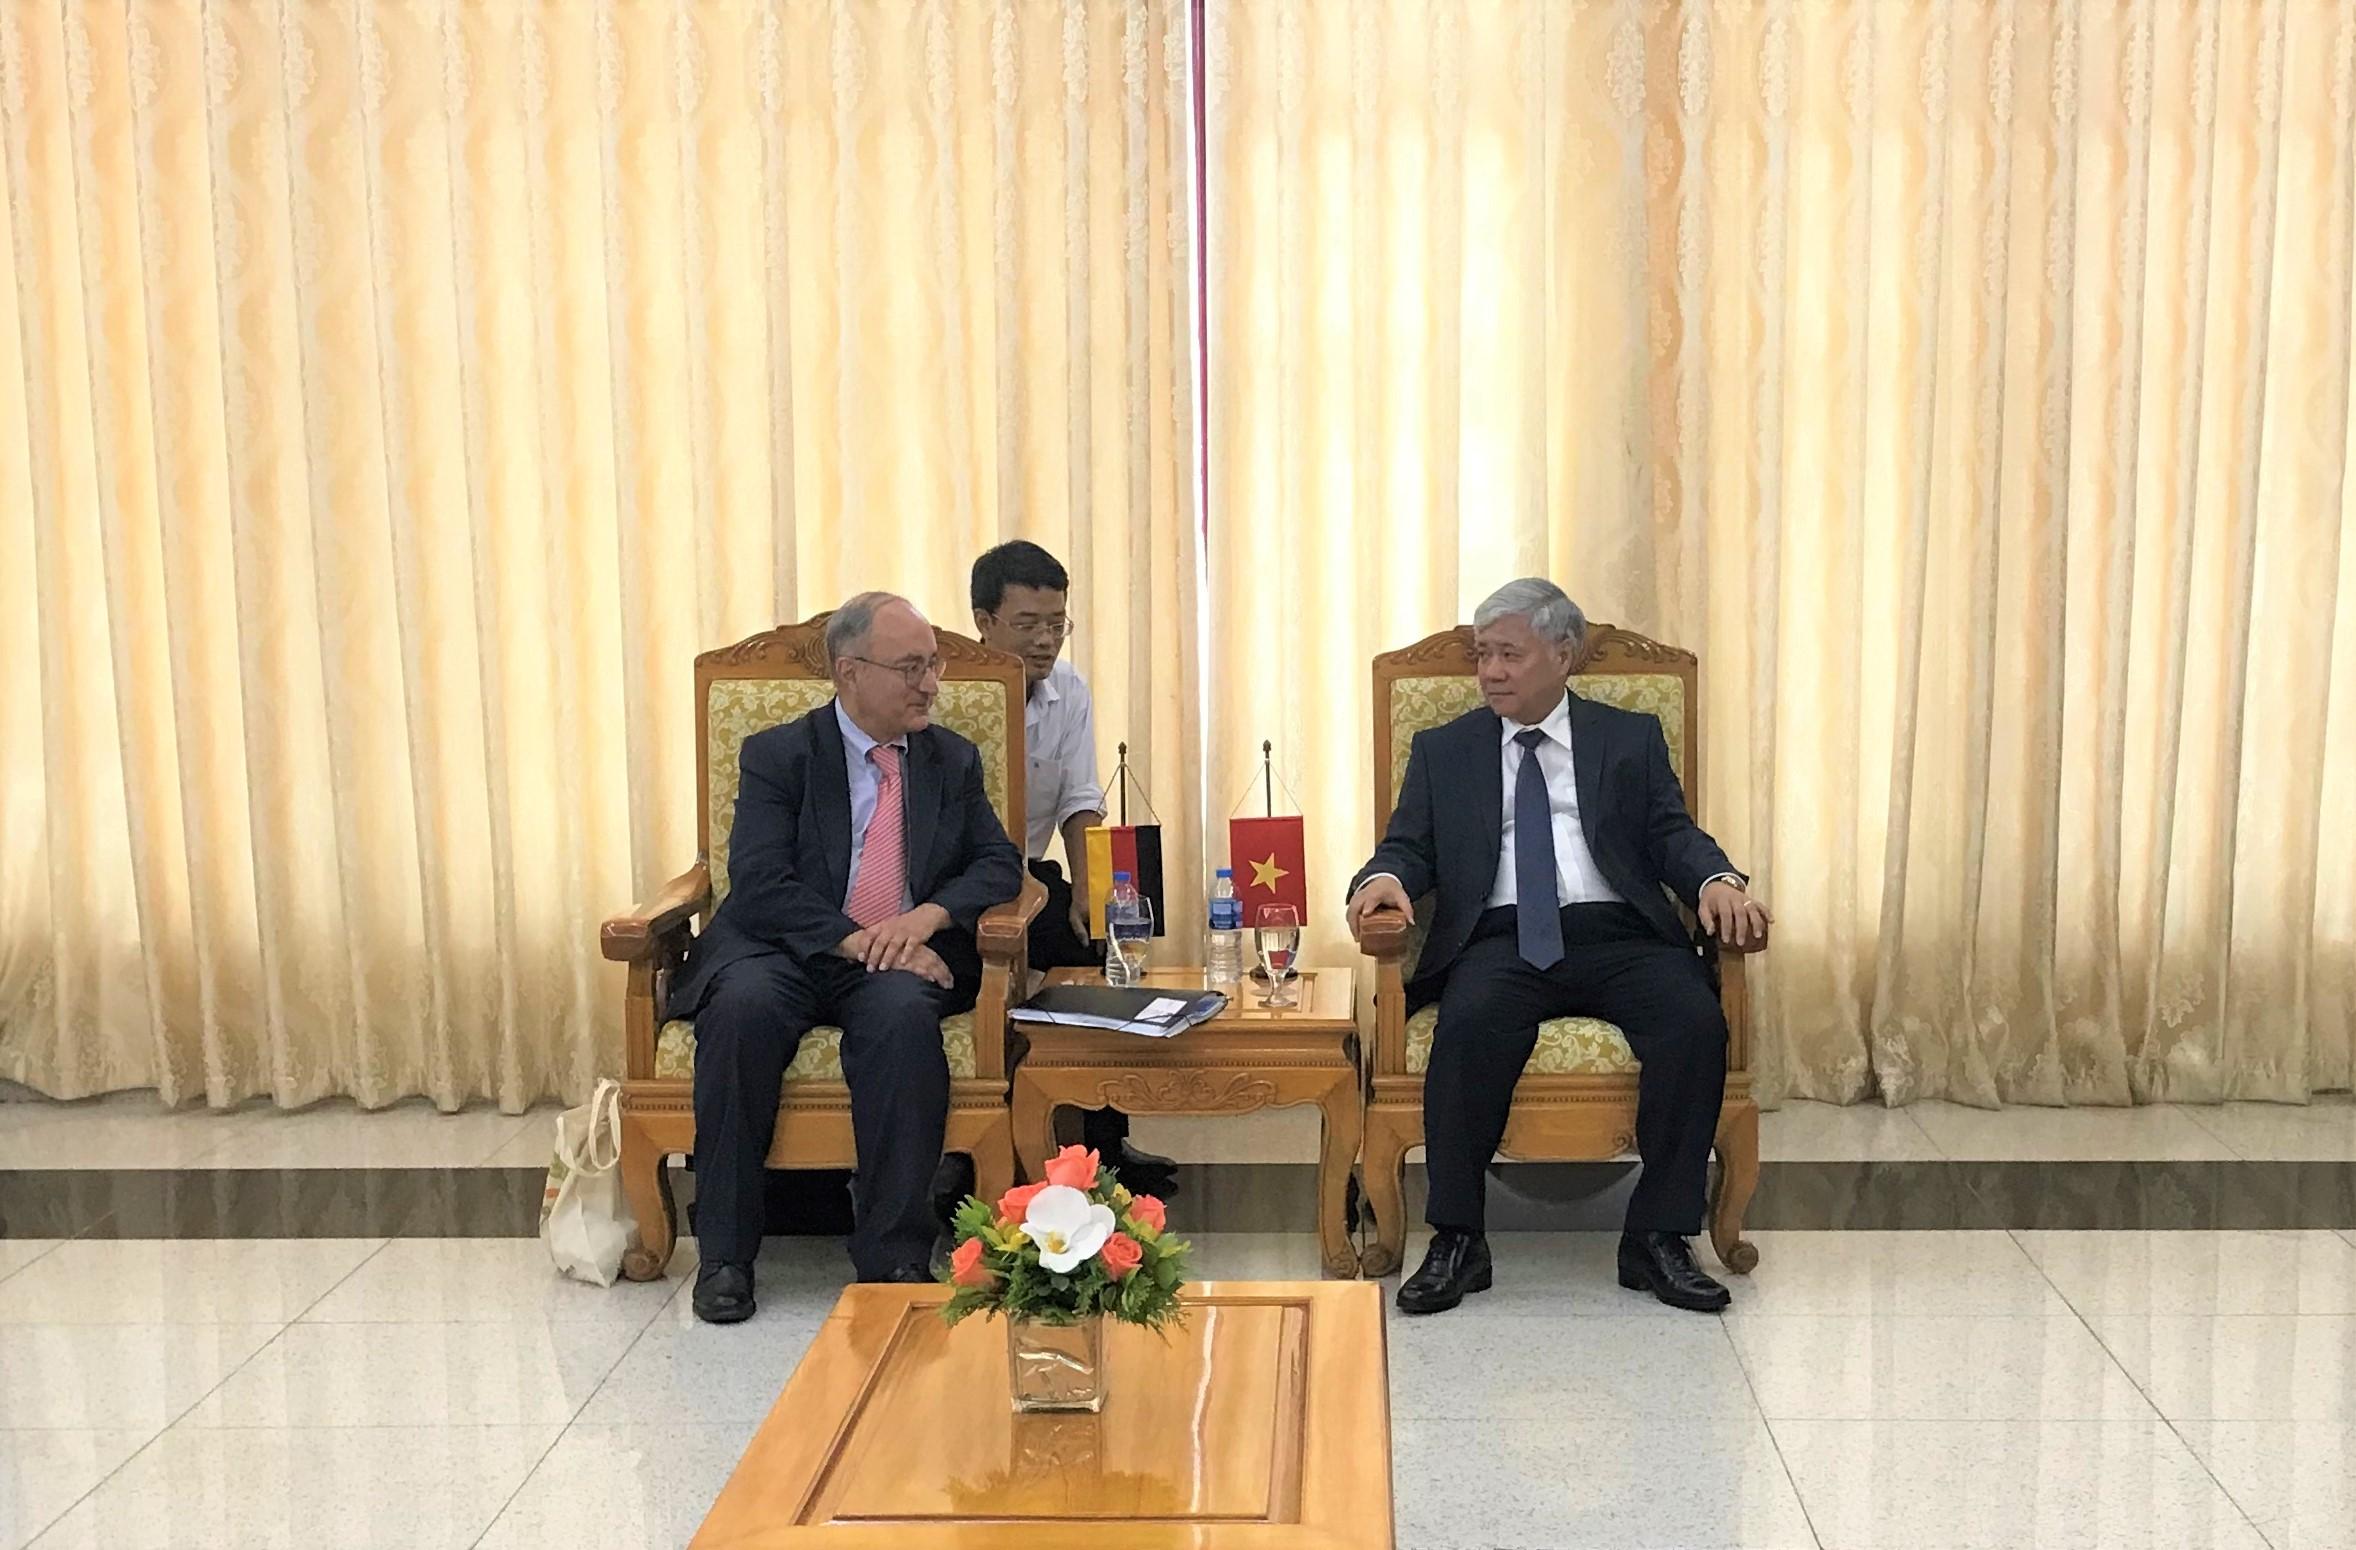 Bộ trưởng, Chủ nhiệm Ủy ban Dân tộc Đỗ Văn Chiến và Tiến sĩ Kambiz Ghawami trao đổi tại buổi tiếp.